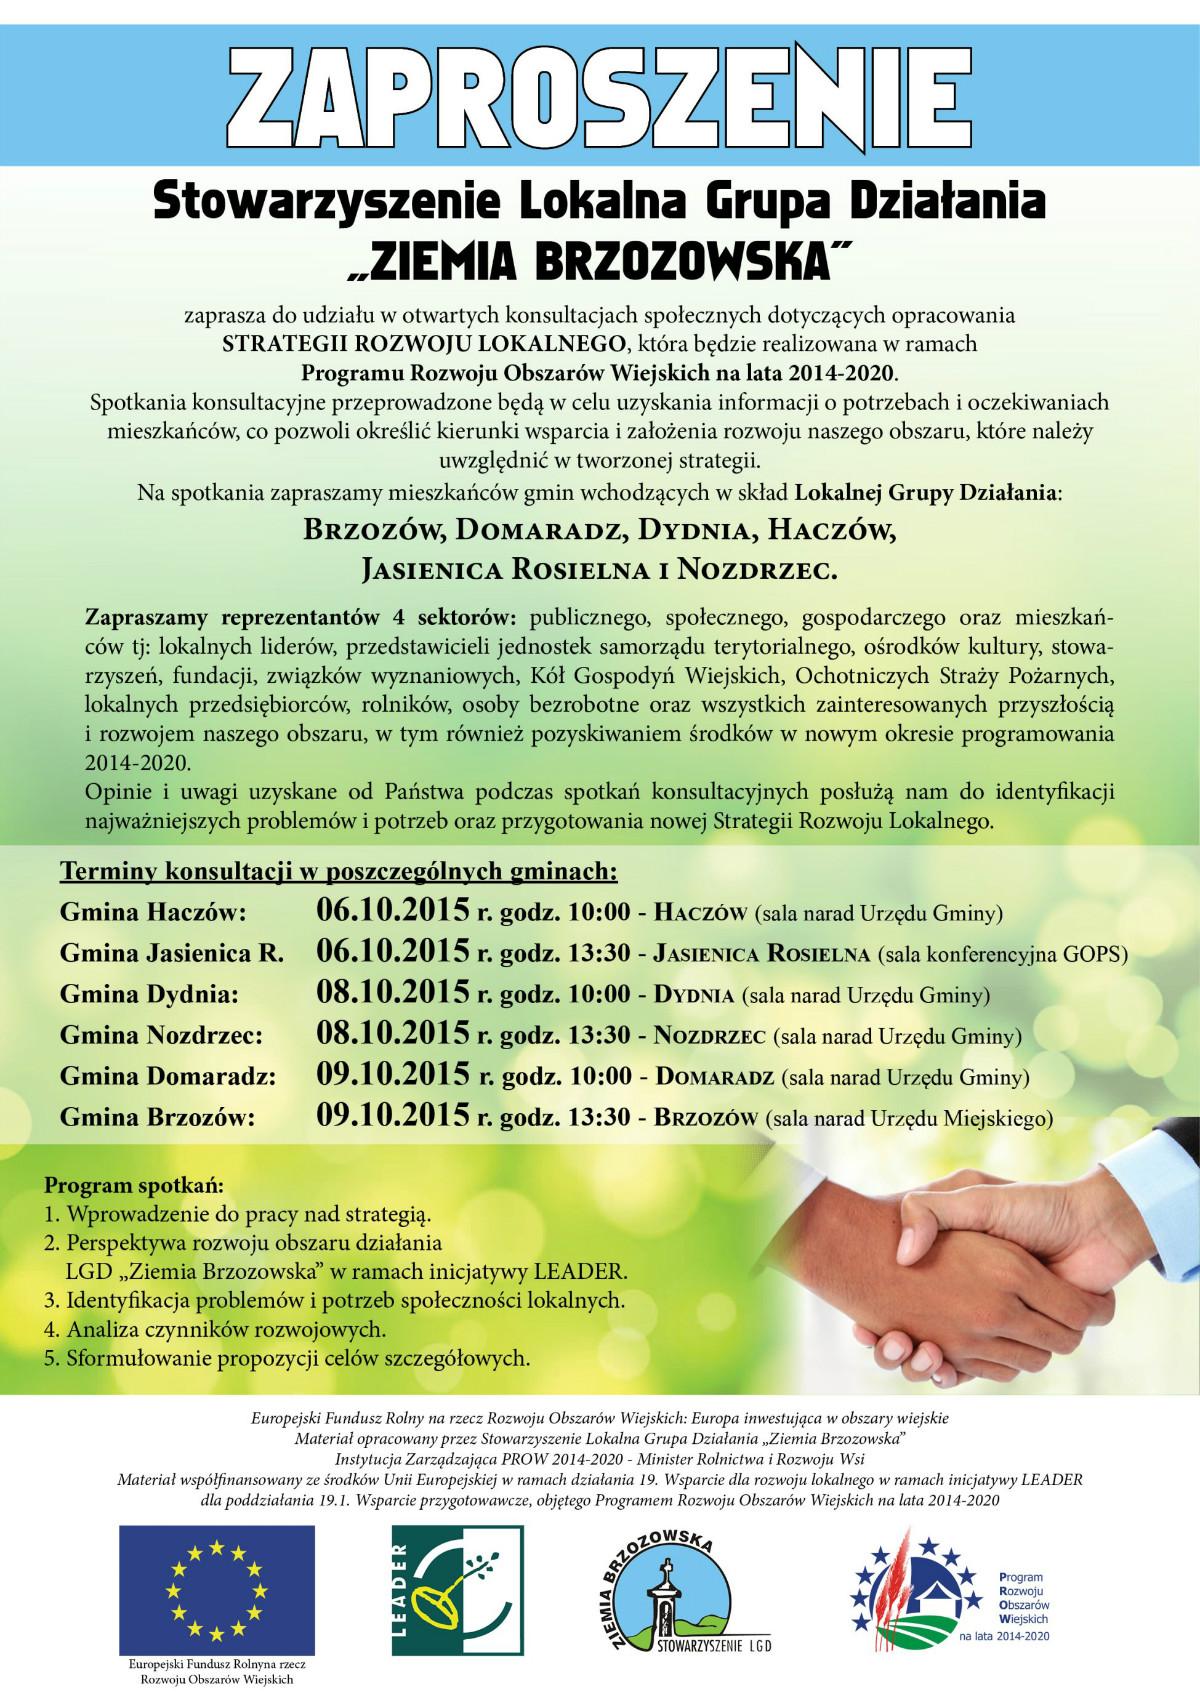 Zaproszenie LGD strategia